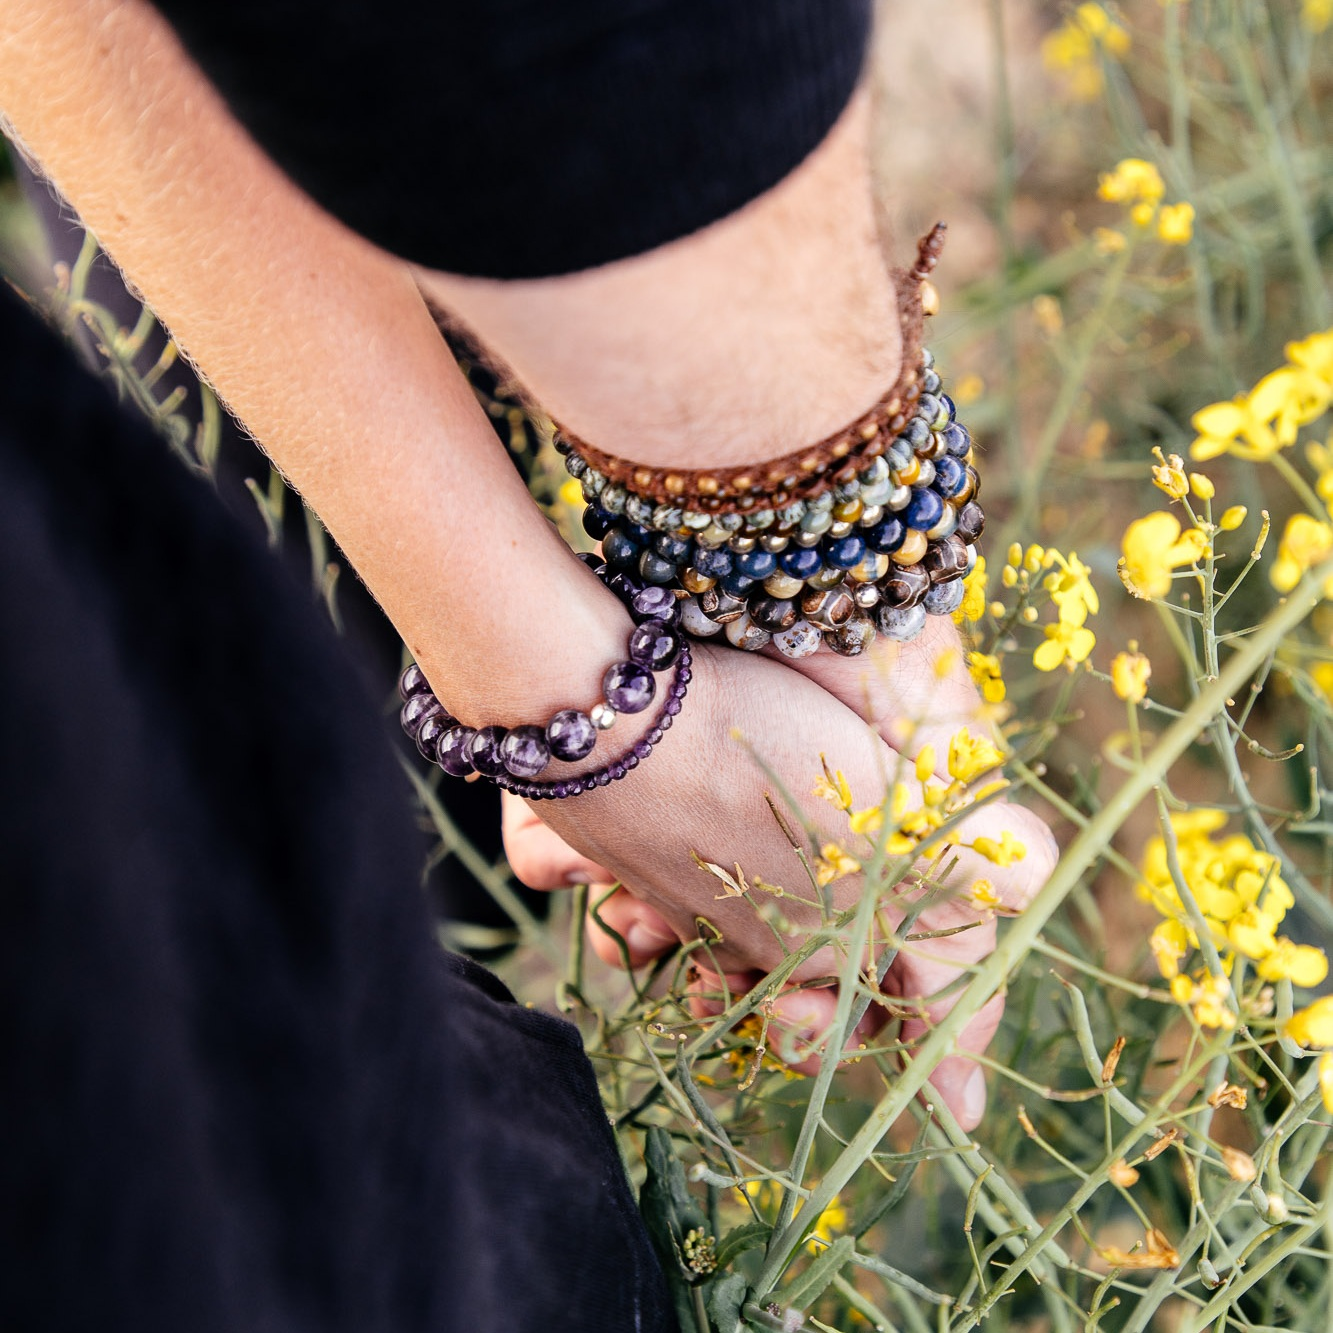 Notre collection de bracelets a pour but d'offrir la possibilité de porter des cristaux en toute circonstance. -